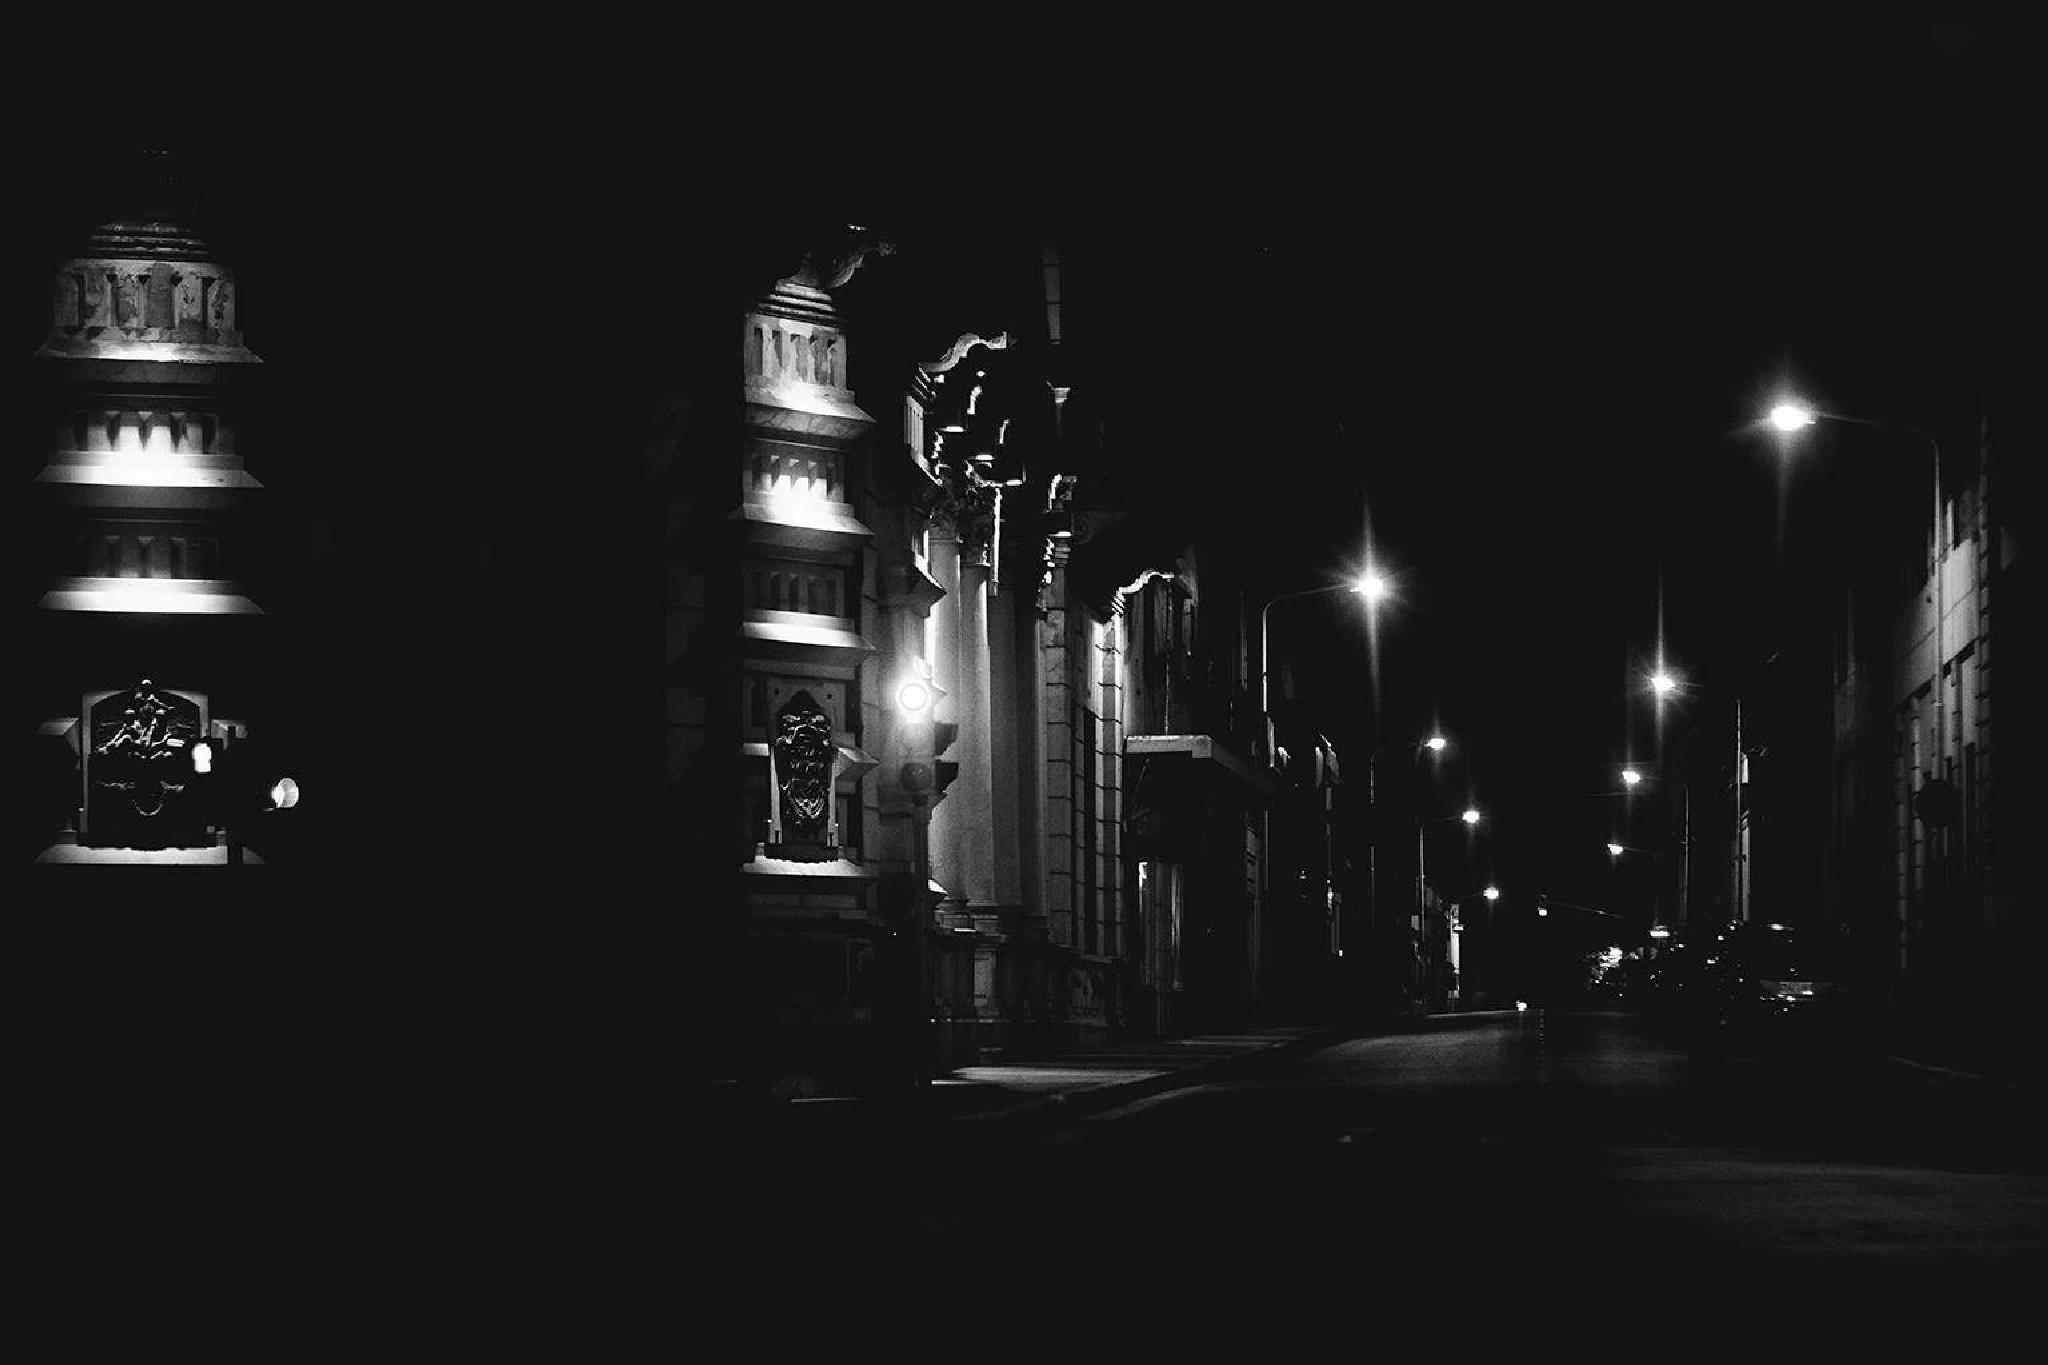 Night by Diego Mernes